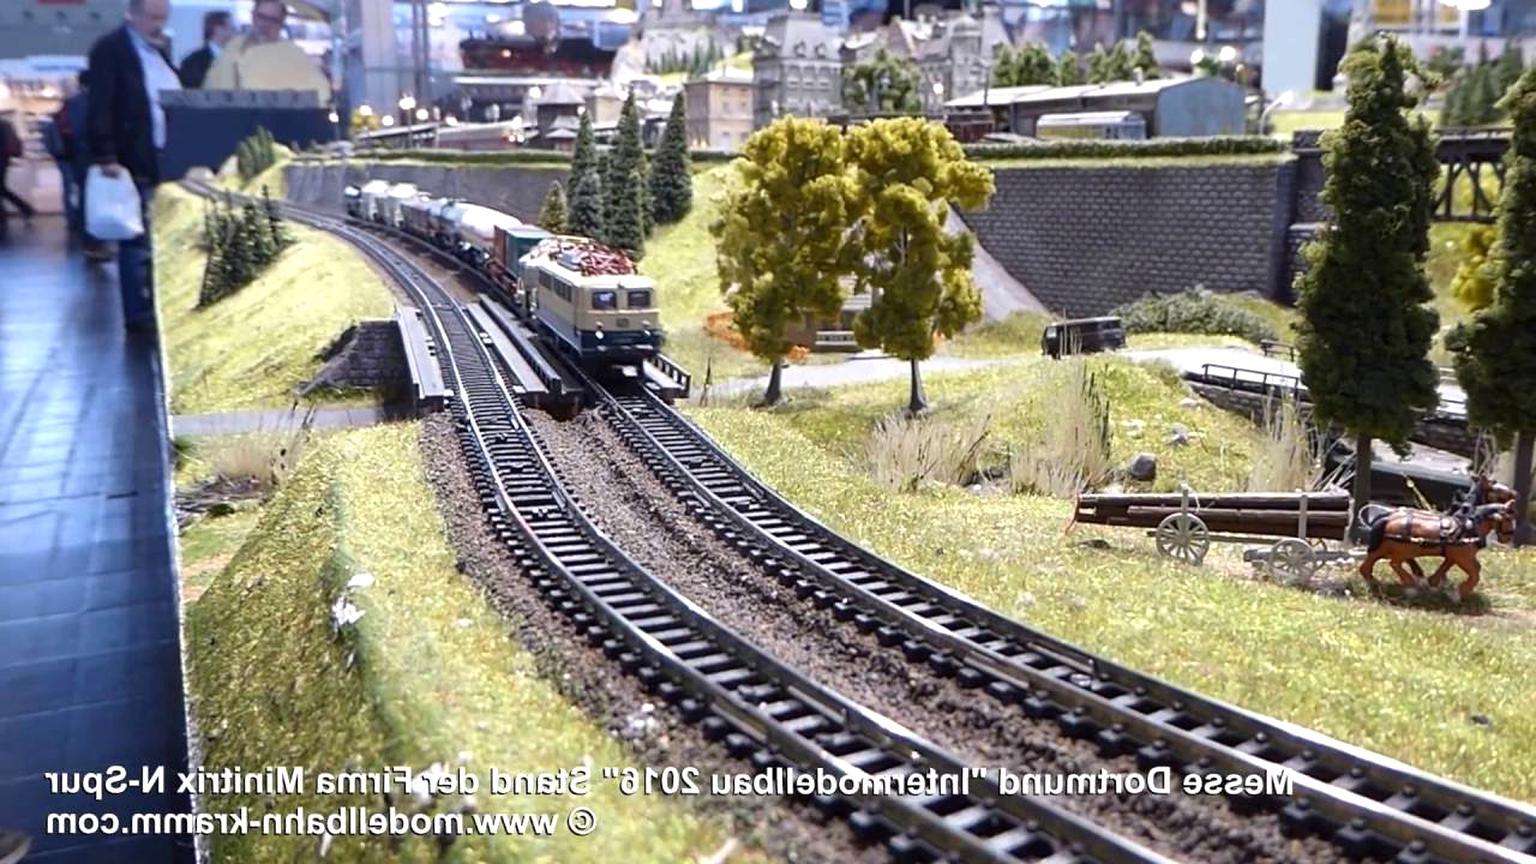 Modelleisenbahn Minitrix gebraucht kaufen! 2 St. bis -65% ...